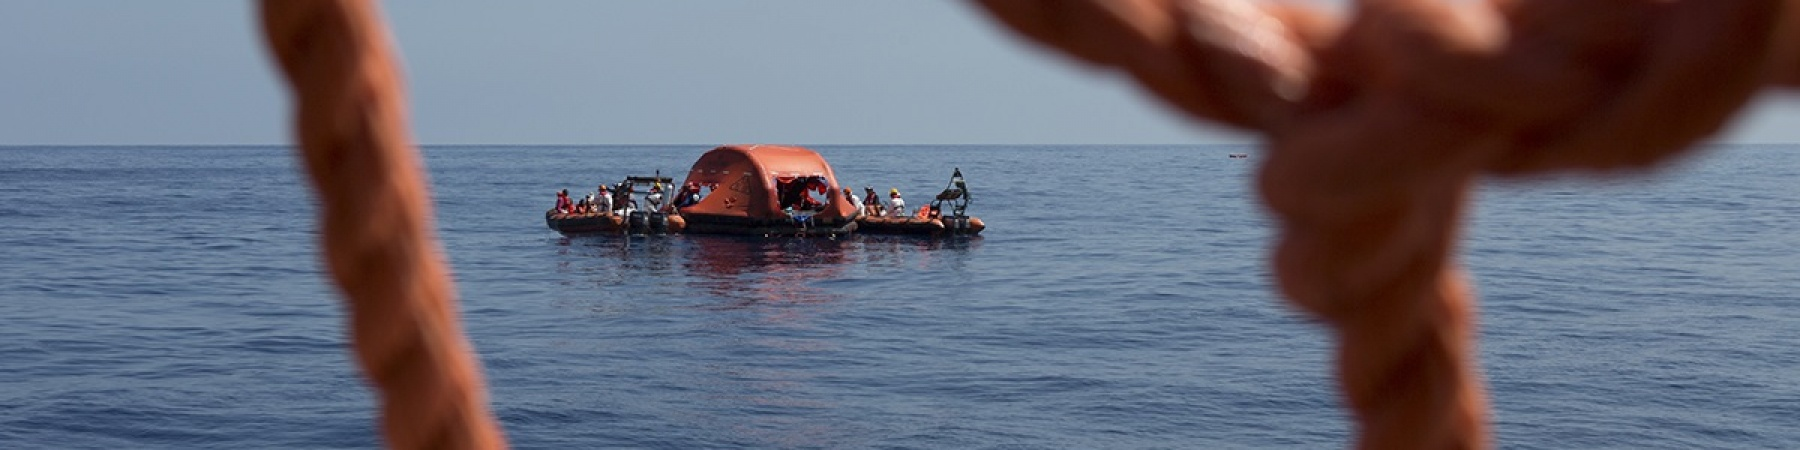 primo piano di una rete rossa di una barca dalla quale si vede il mare e un barchino di salvataggio a pochi metri